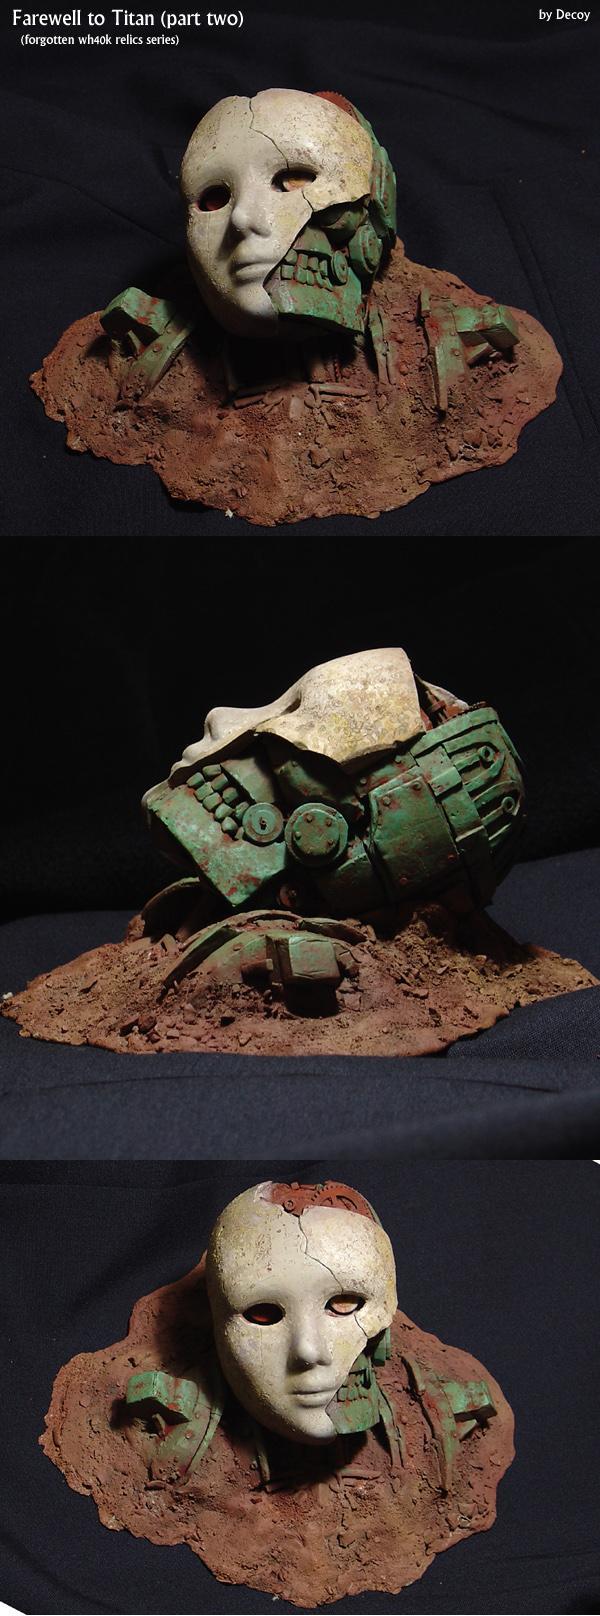 Artifact, Head, Scifi, Skull, Steampunk, Titan, Warhammer Fantasy, Warmachine